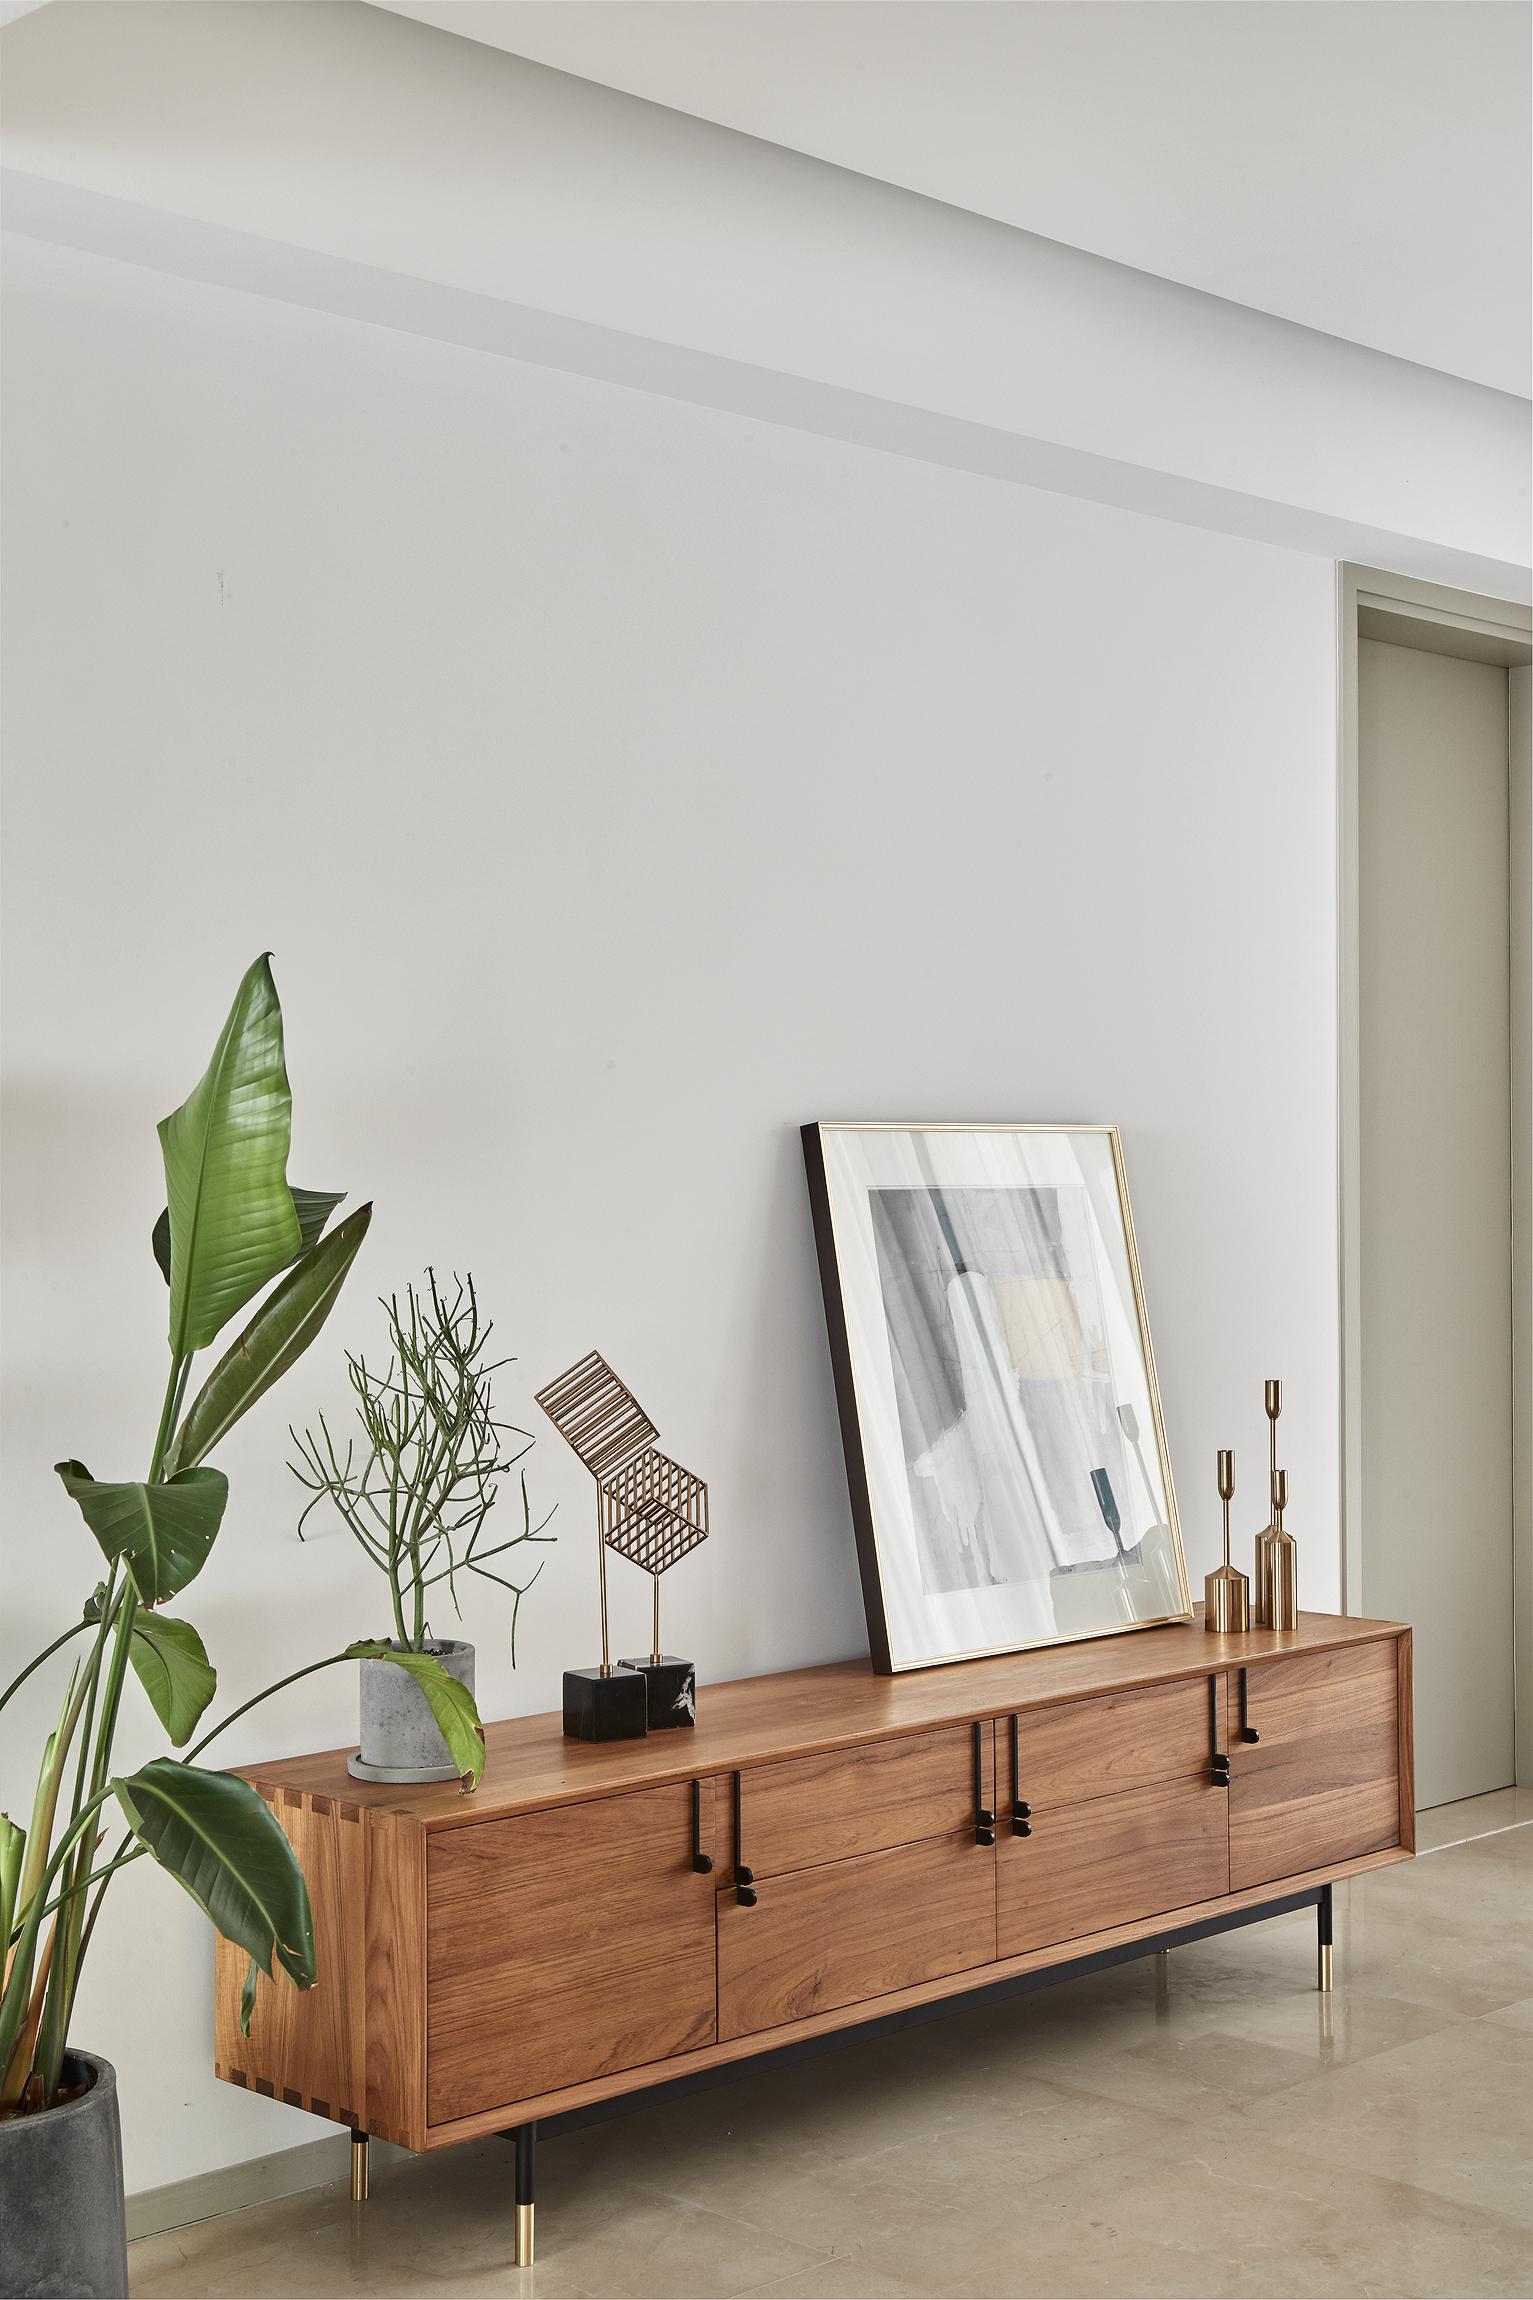 温馨82平混搭三居客厅设计美图客厅2图